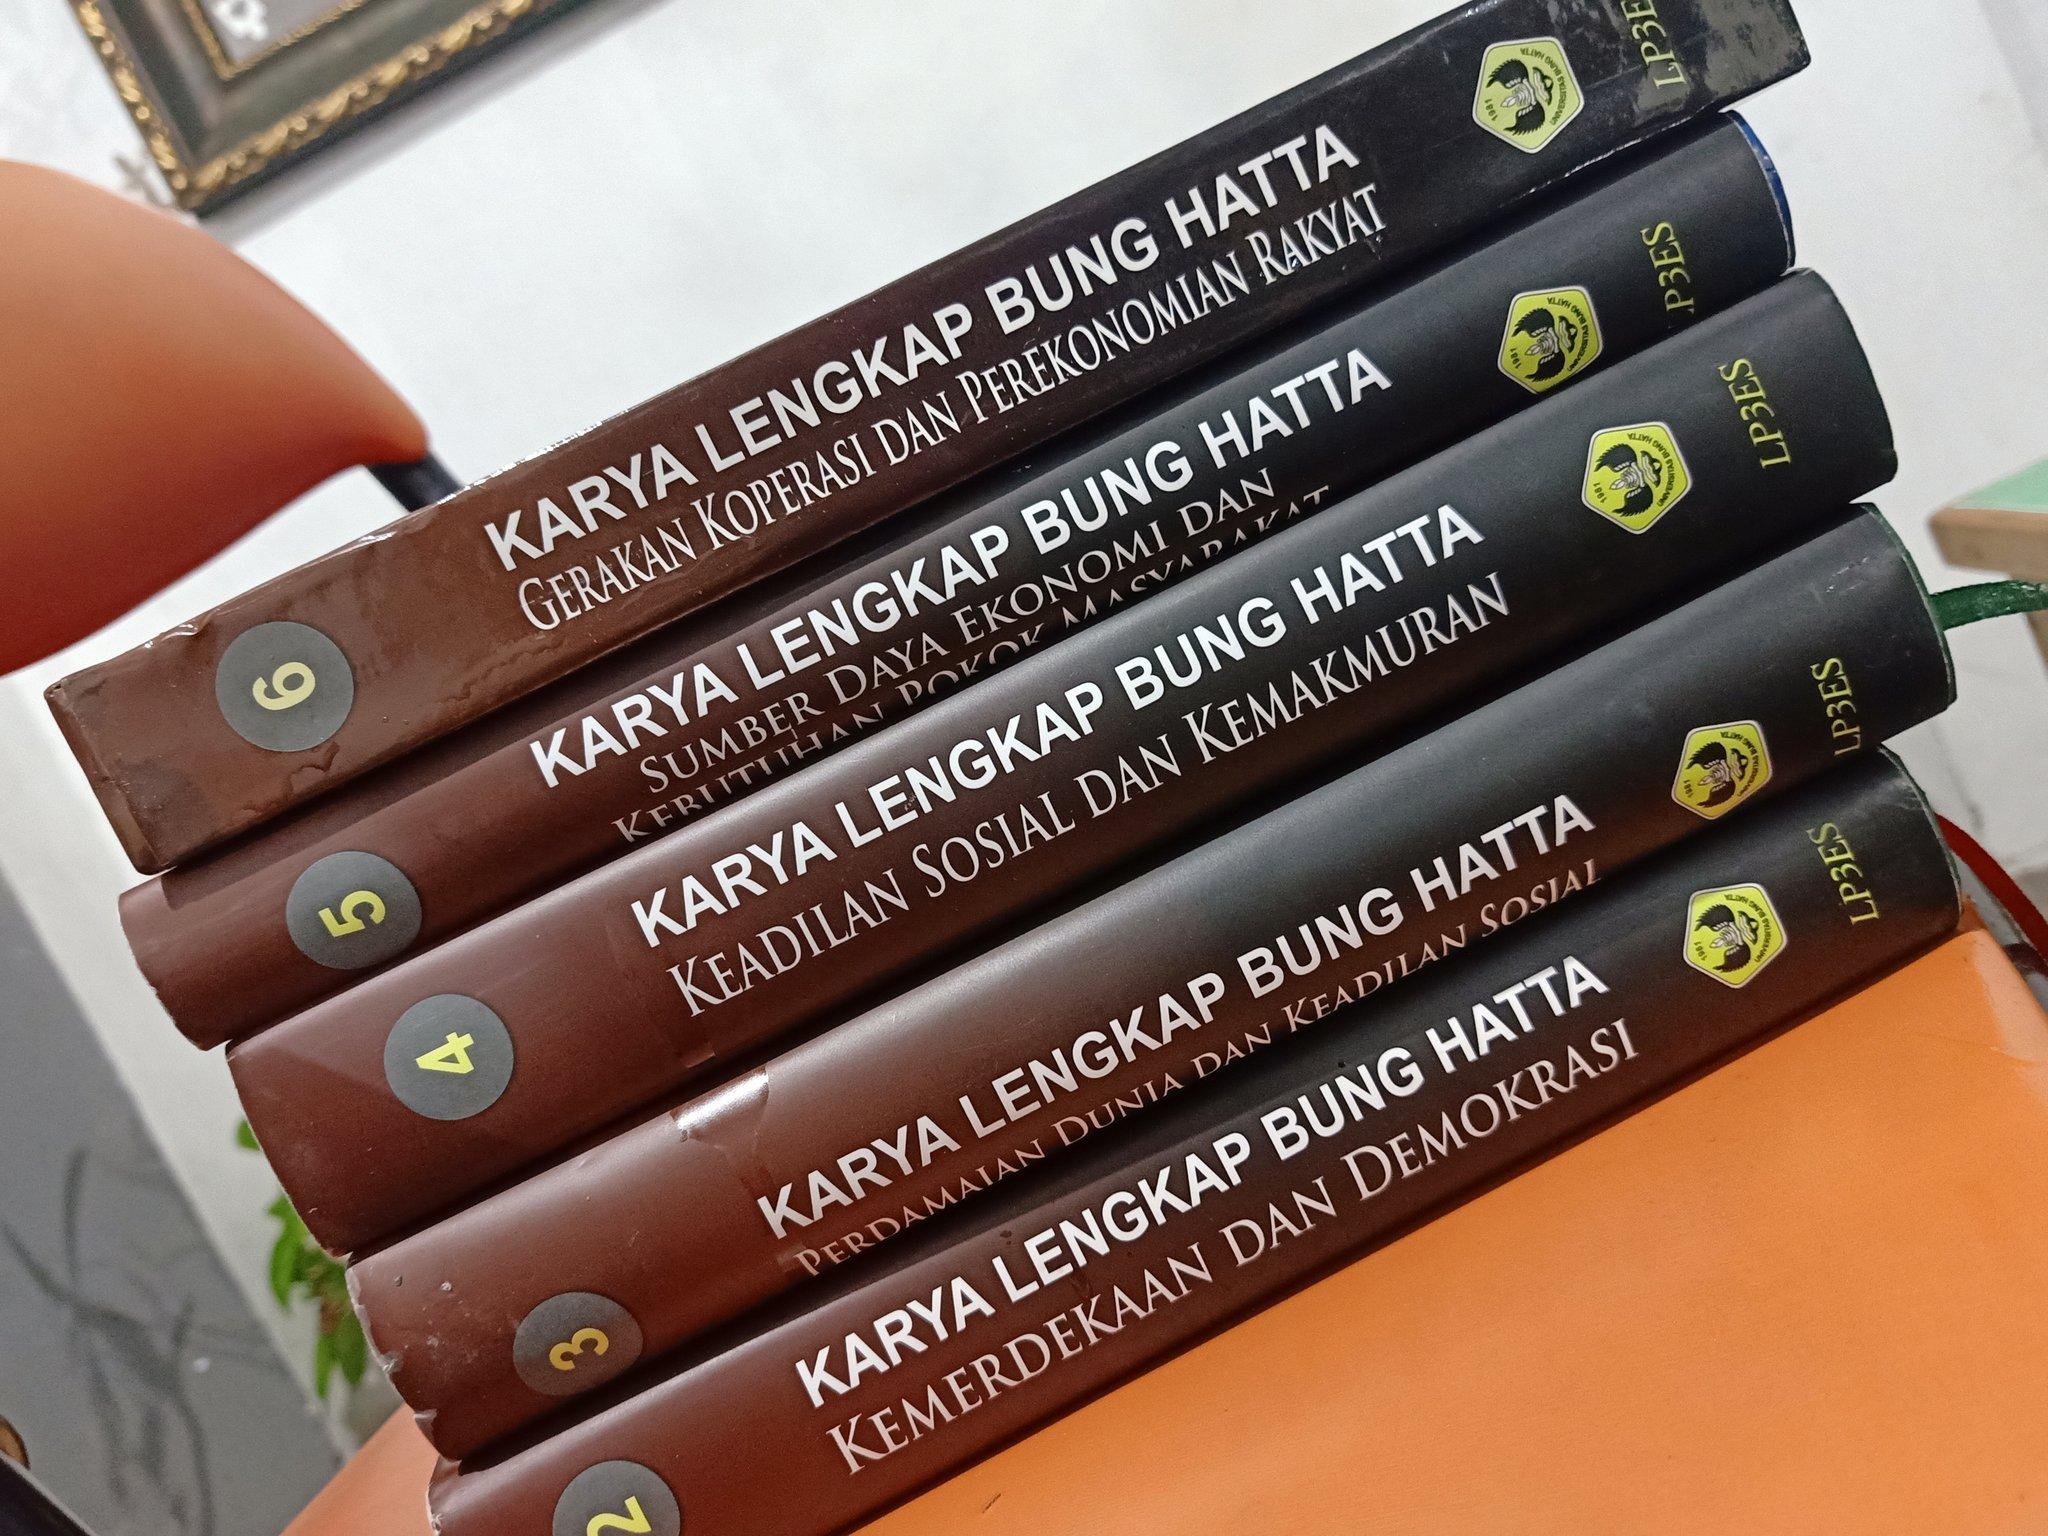 """IG: WarungSejarahRI on Twitter: """"Buku Lawas> Karya Lengkap Bung Hatta. 2-6  Buku (5 buku) Tahun 2015 Hardcover Berat 5 kg Harga 950.000 Minat? Order:  ✓DM or Klik WA https://t.co/xMnymNzYyW… https://t.co/cOaTp3W4t8"""""""